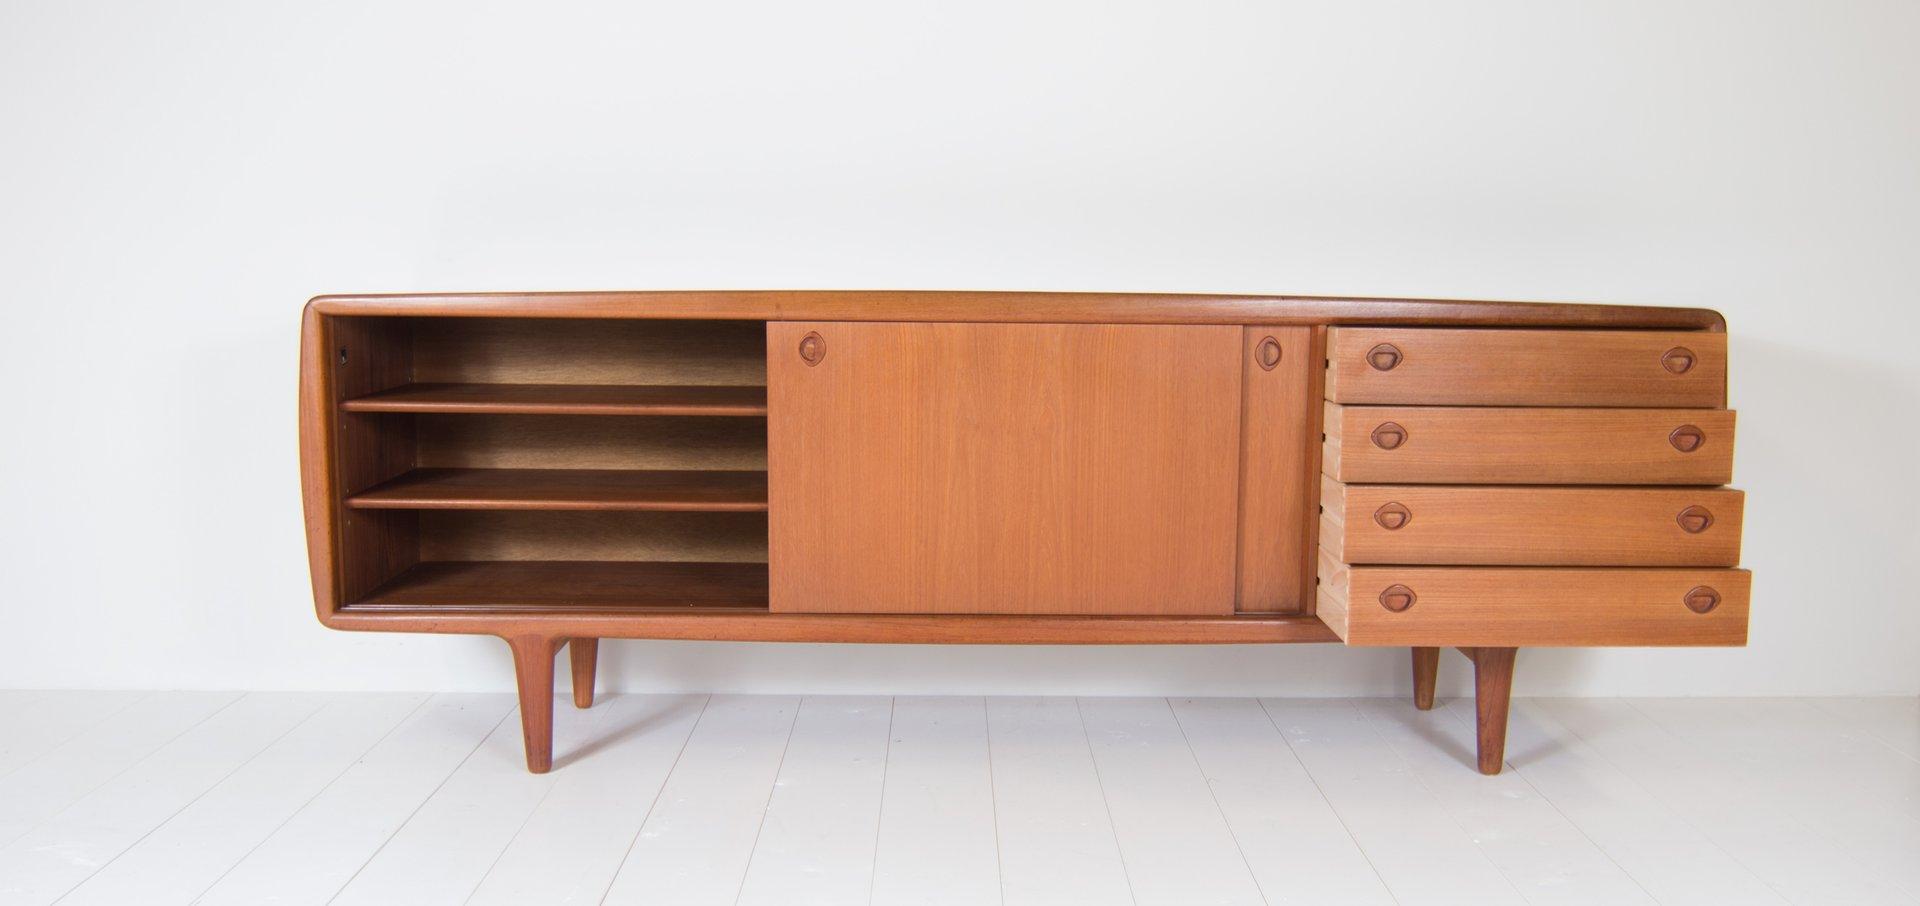 vintage sideboard von h p hansen 1960er bei pamono kaufen. Black Bedroom Furniture Sets. Home Design Ideas